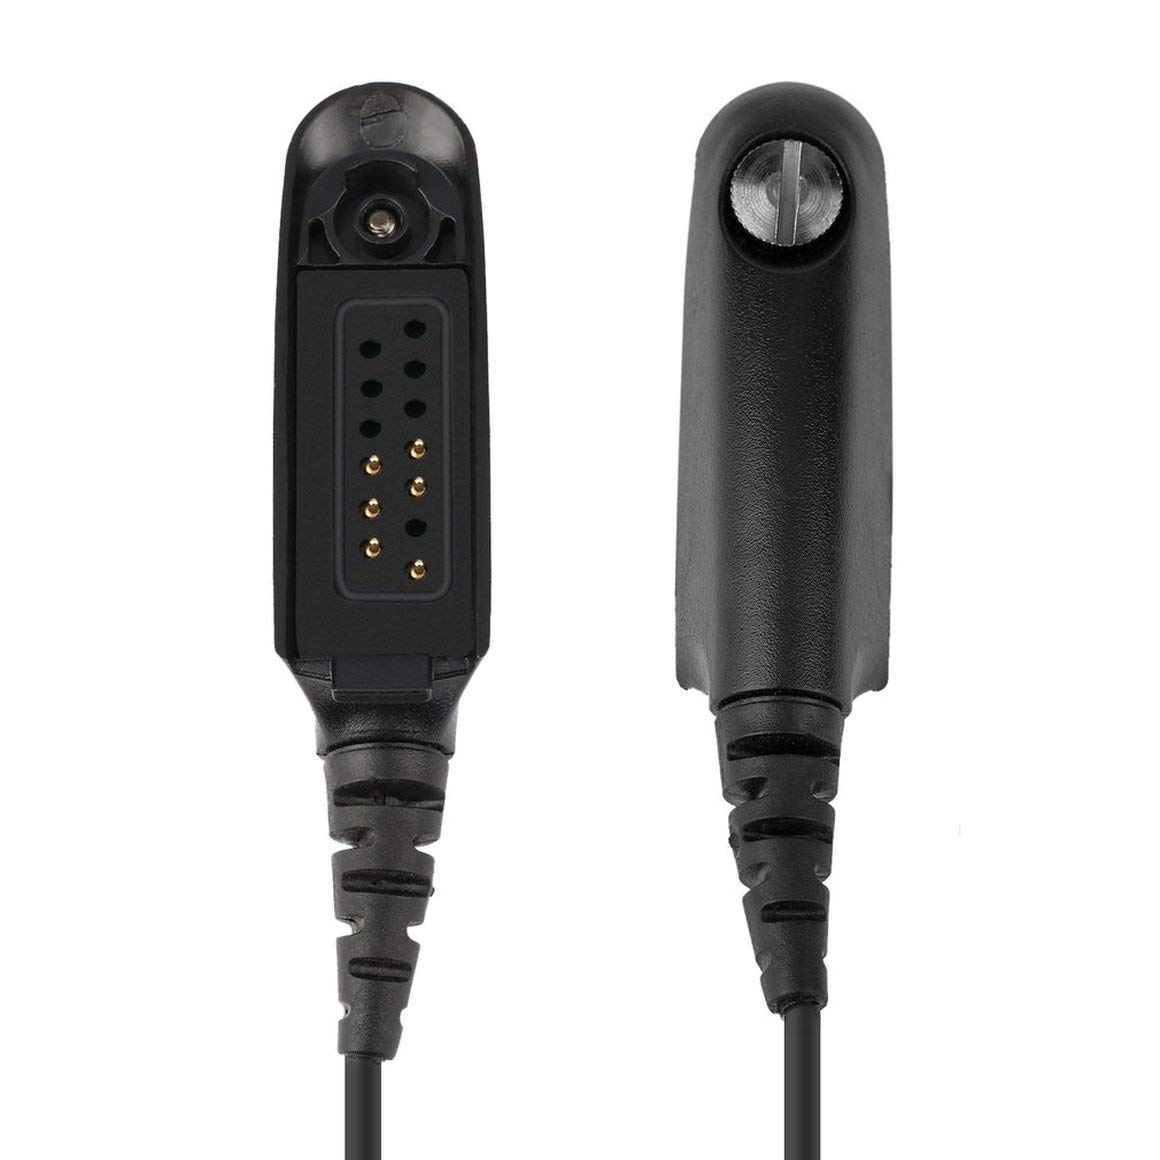 Funnyrunstore Covert Auricular ac/ústico para Auriculares con micr/ófono para Motorola Gp328 Gp340 Gp360 Gp380 Gp640 Gp680 Gp1280 Radio de Dos v/ías Negro